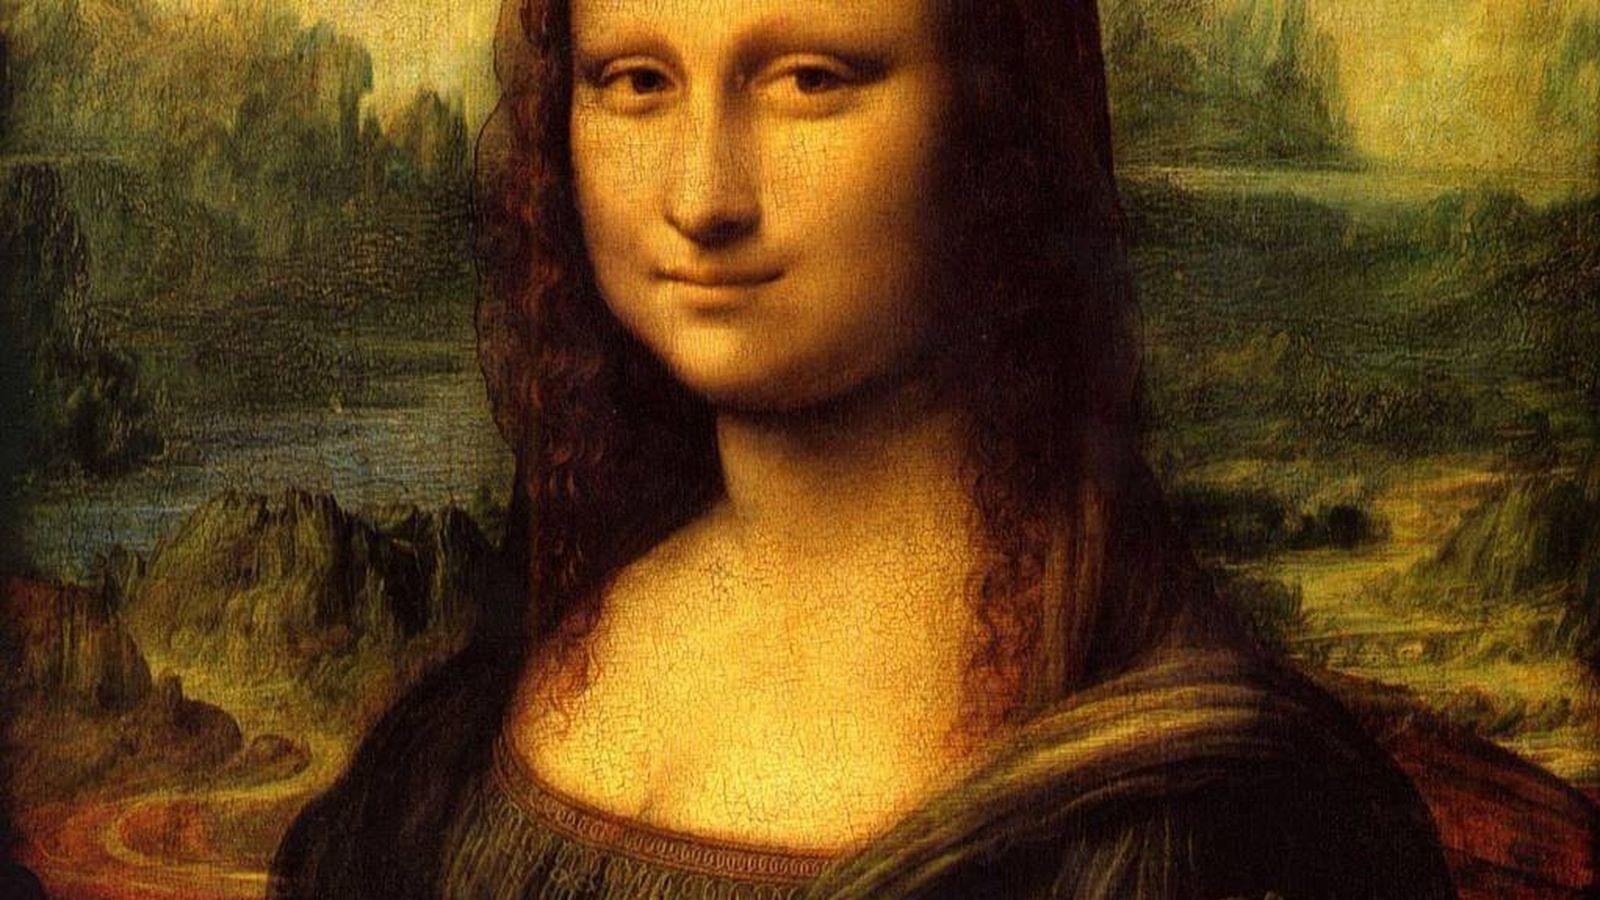 Foto: ¡Iluso, la Mona Lisa no te mira! Científicos desmienten el mito de la obra de Da Vinci. (CC)